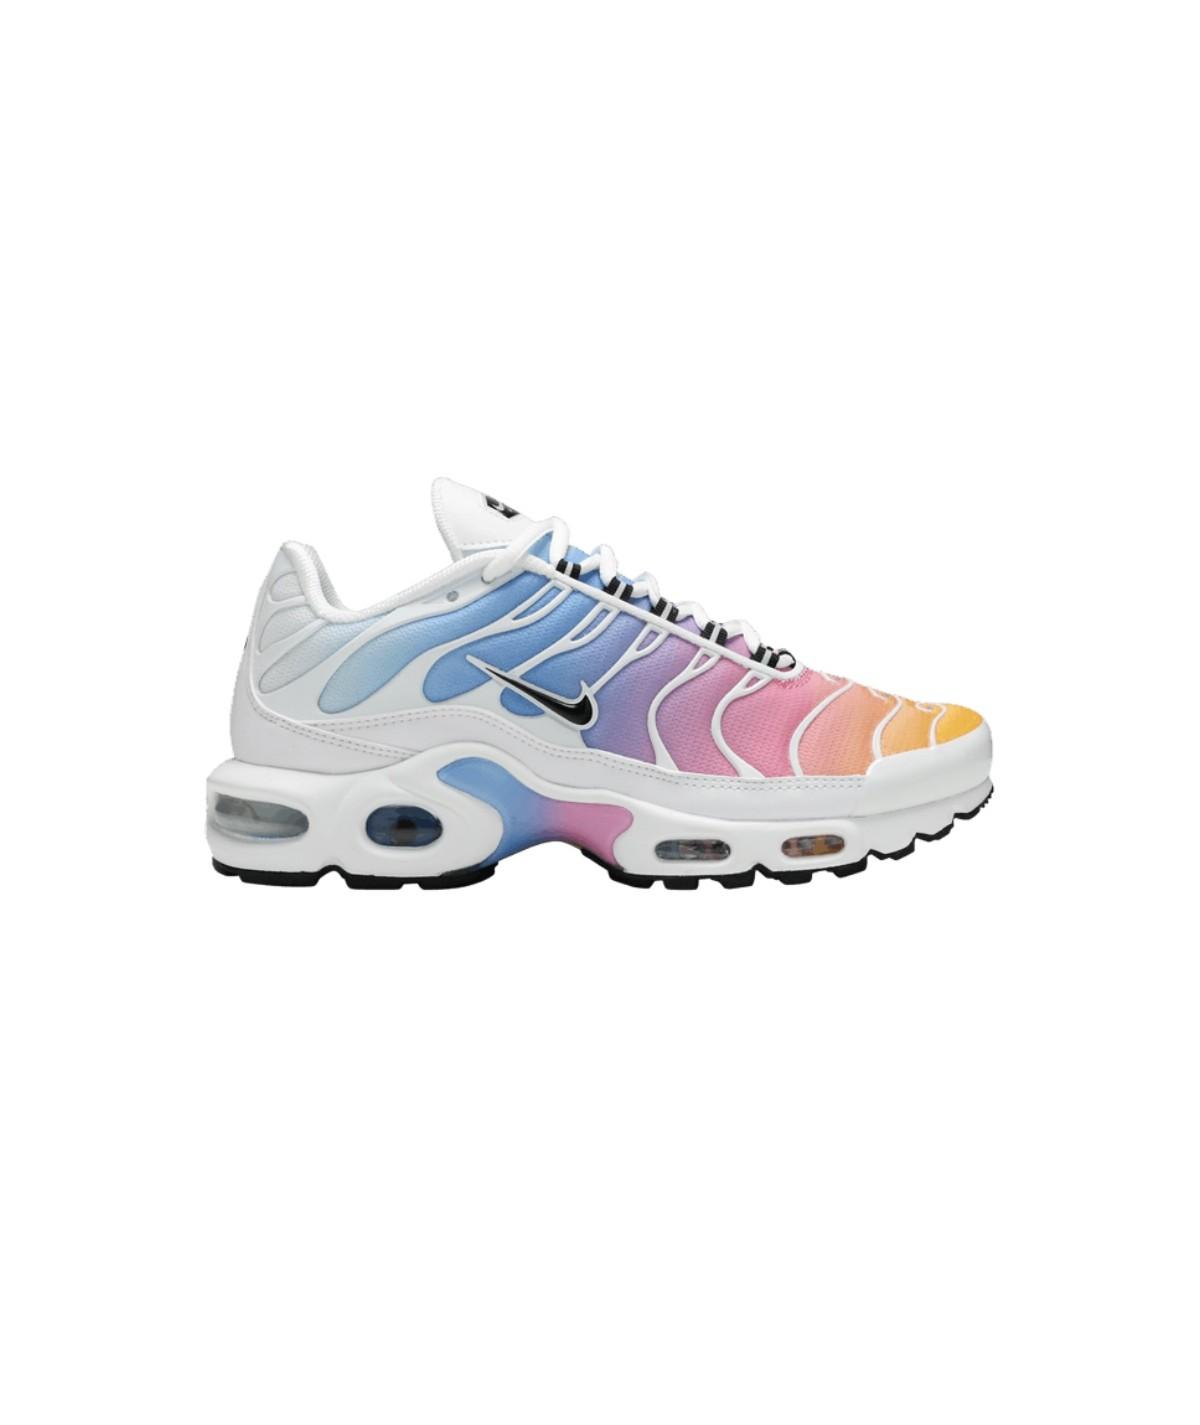 Nike Air Max Plus I Sneakers Femme I Gwada